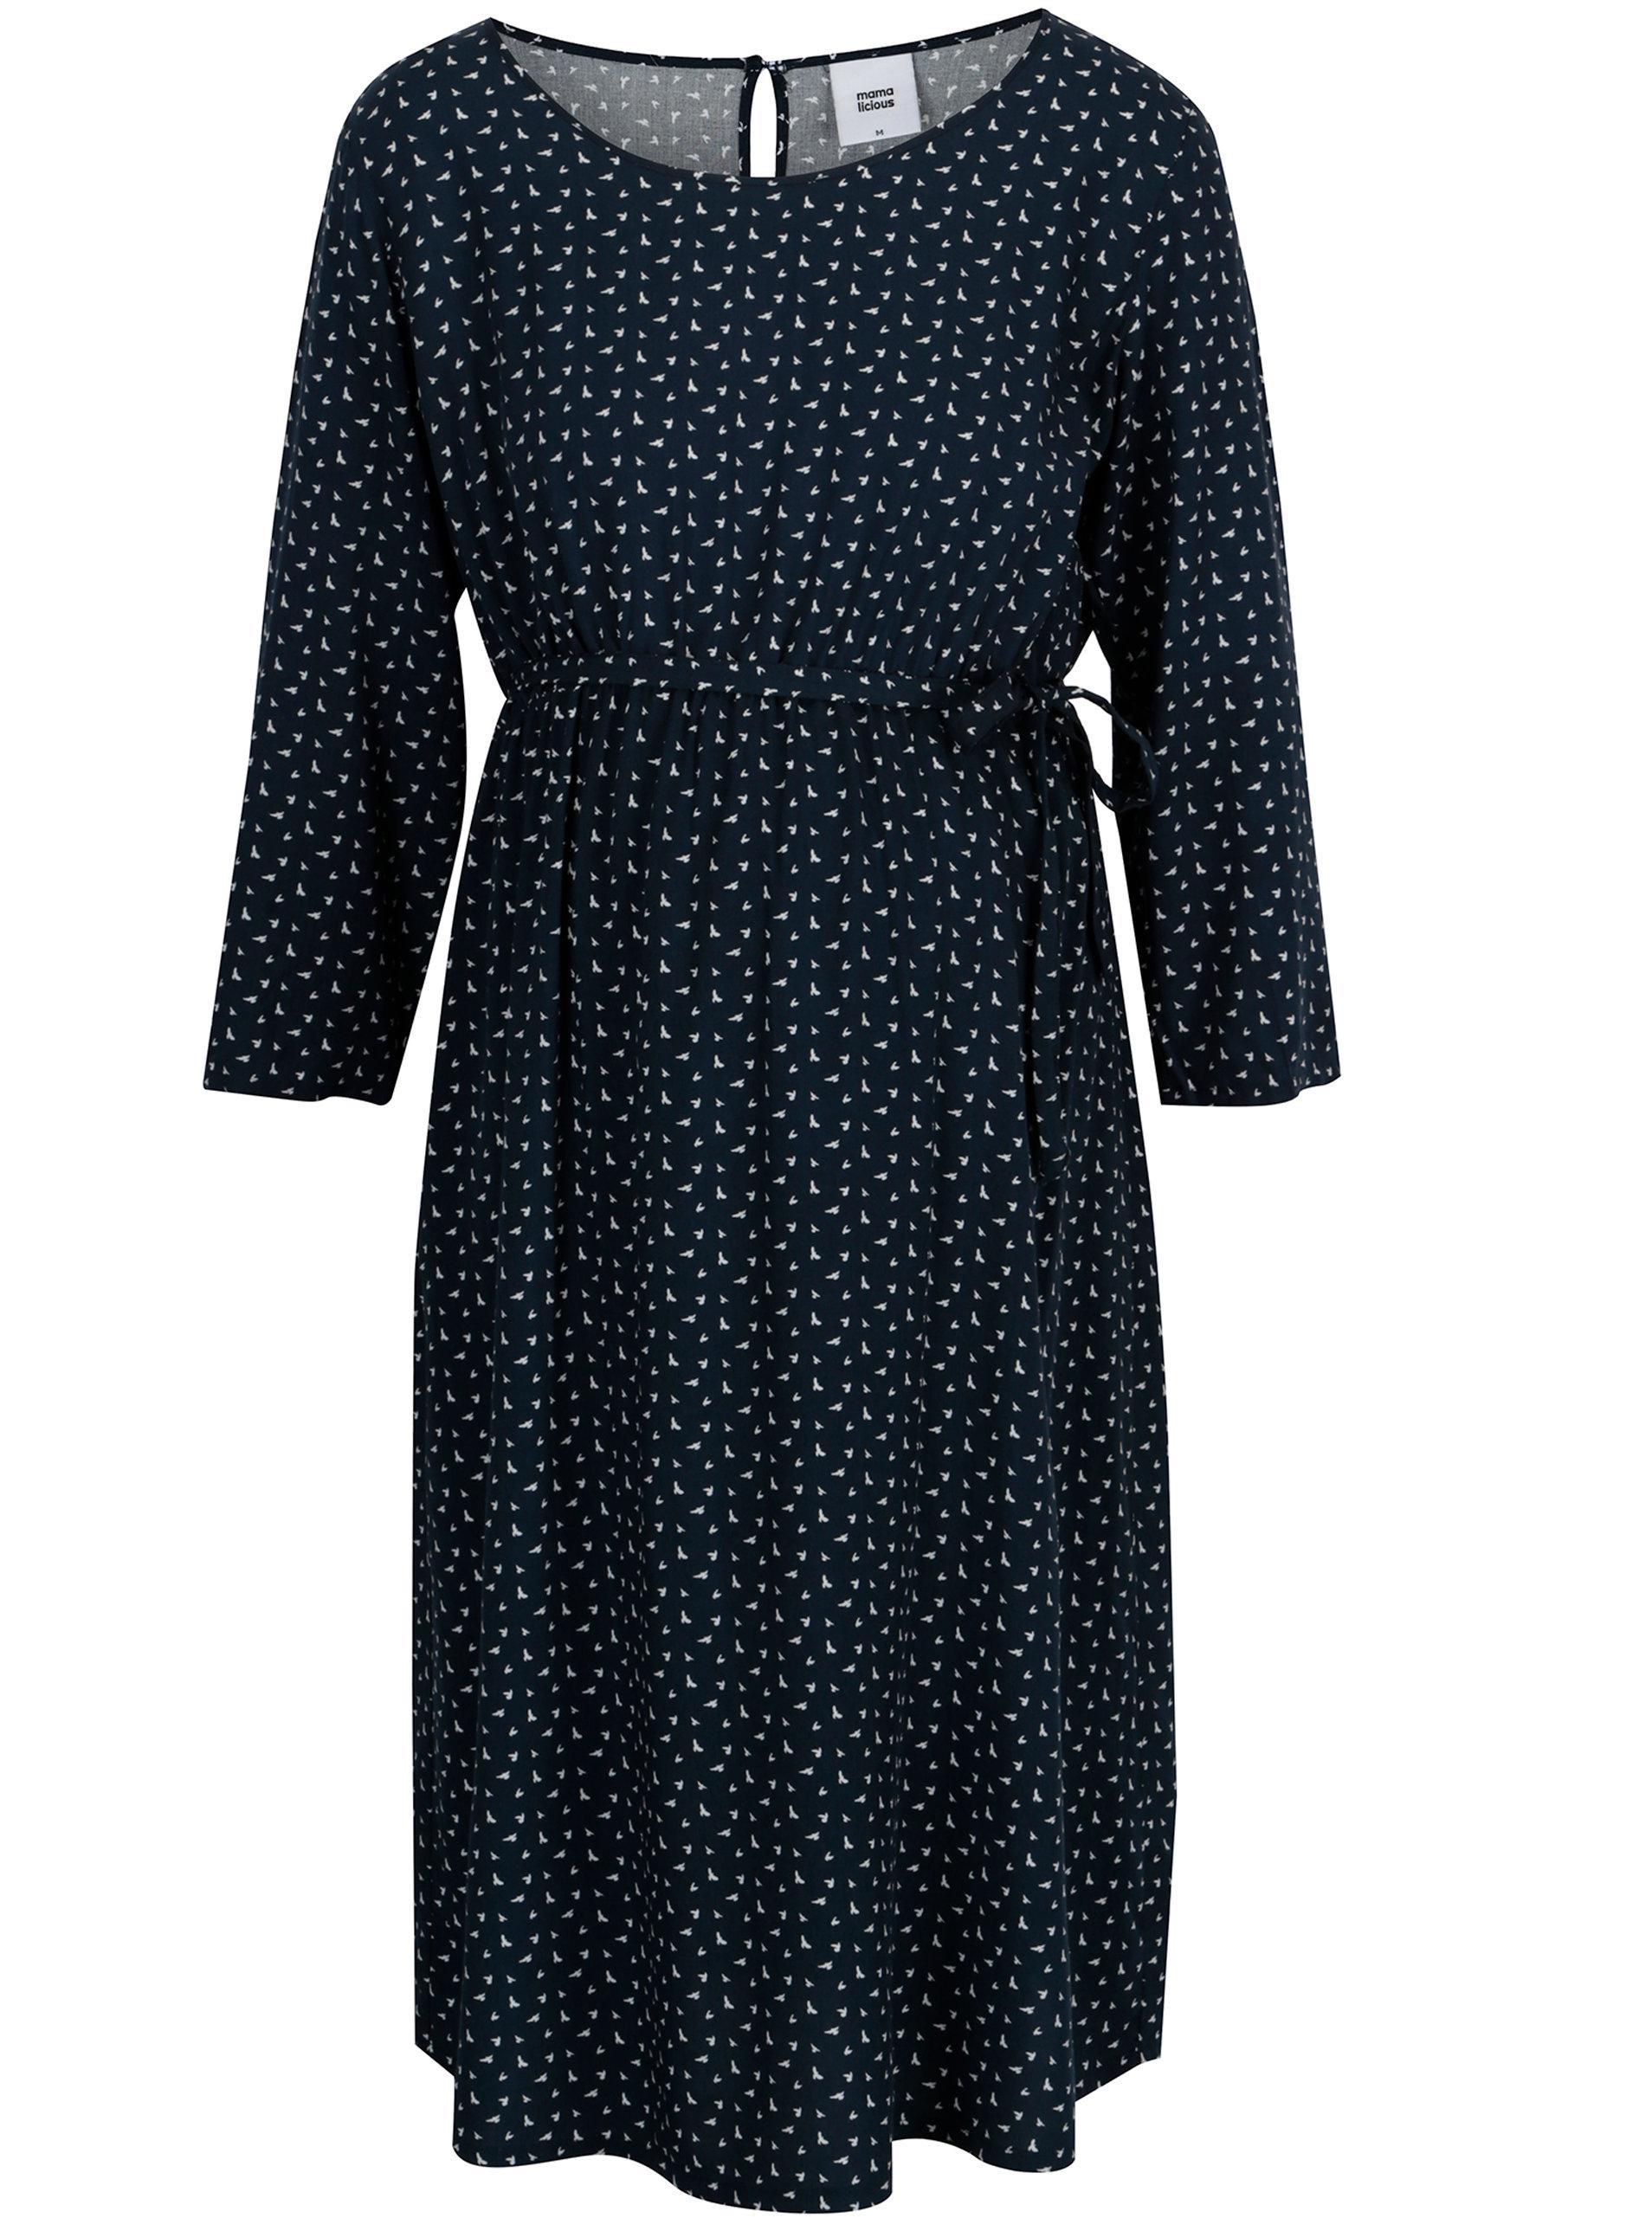 Tmavě modré těhotenské vzorované šaty Mama.licious South ... 45fa30f717